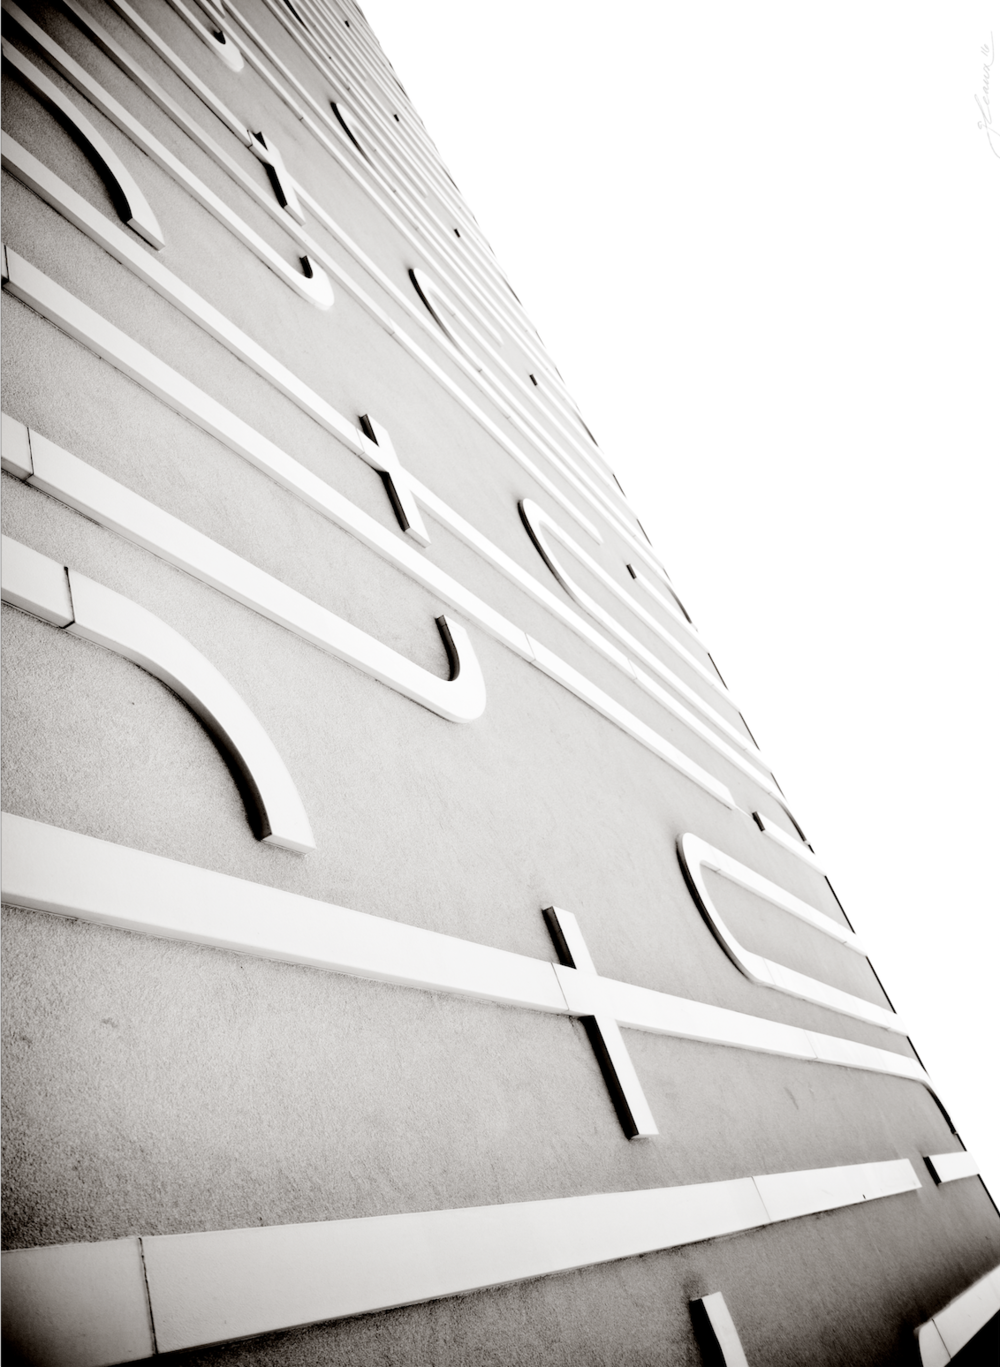 FEMONT STREET BANK, LAS VEGAS, NV